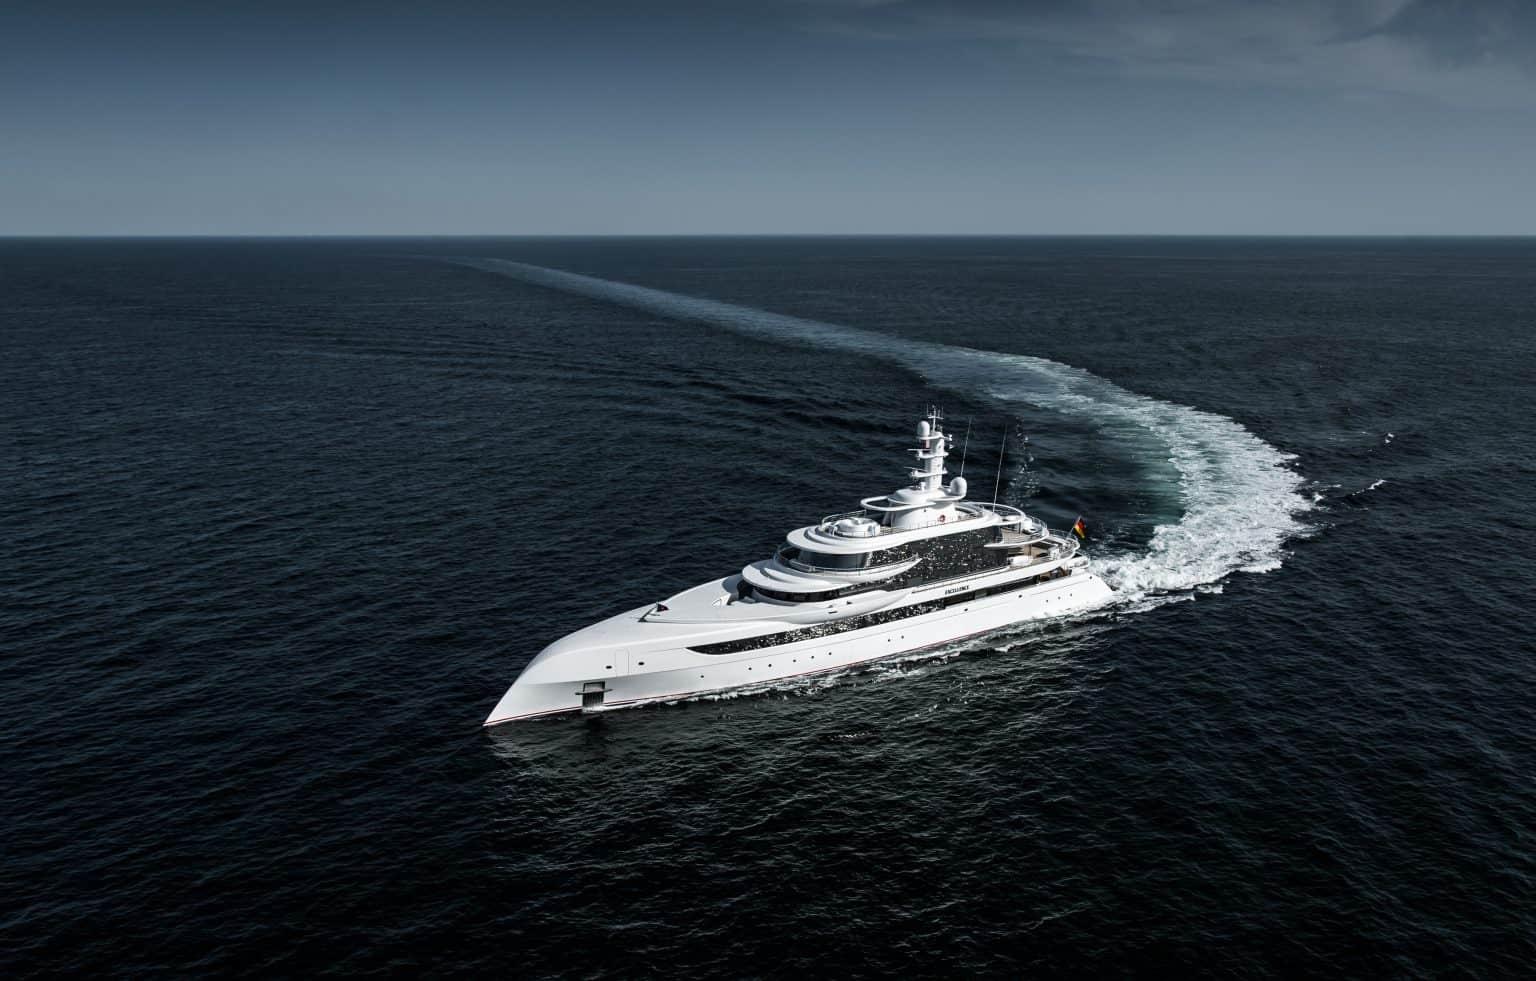 Running Shot Of The Yacht